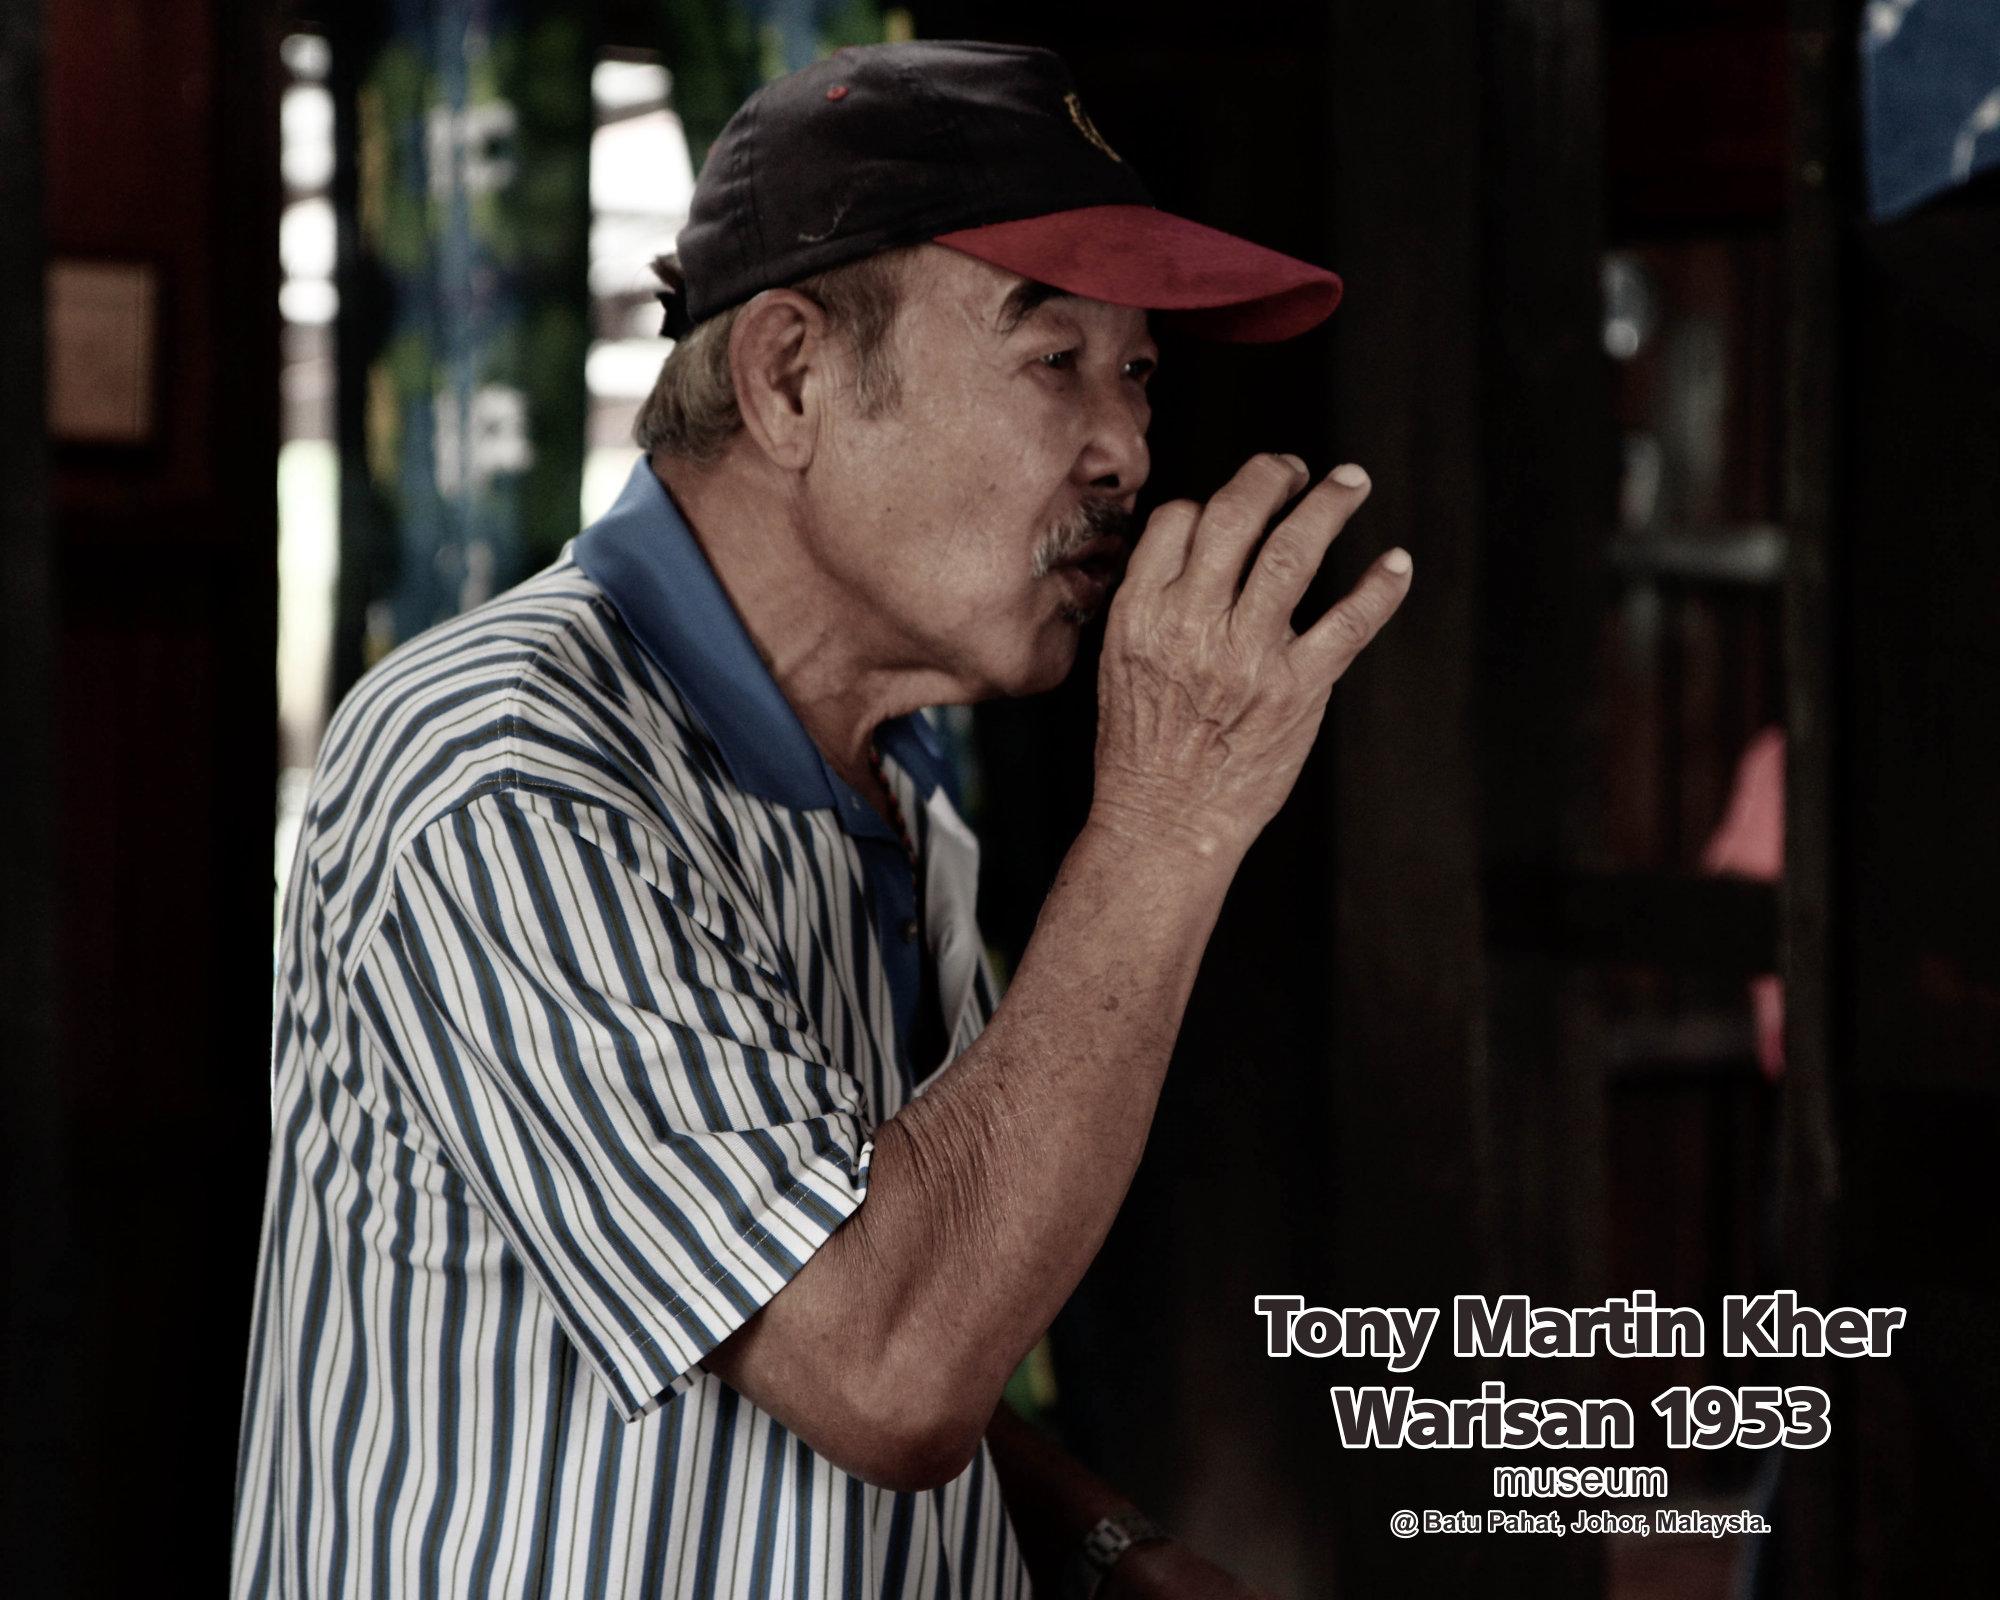 Tony Martin Kher founder of Warisan 1953 Museum at Batu Pahat Johor Malaysia Heritage 1953 Artist Joey Kher A29